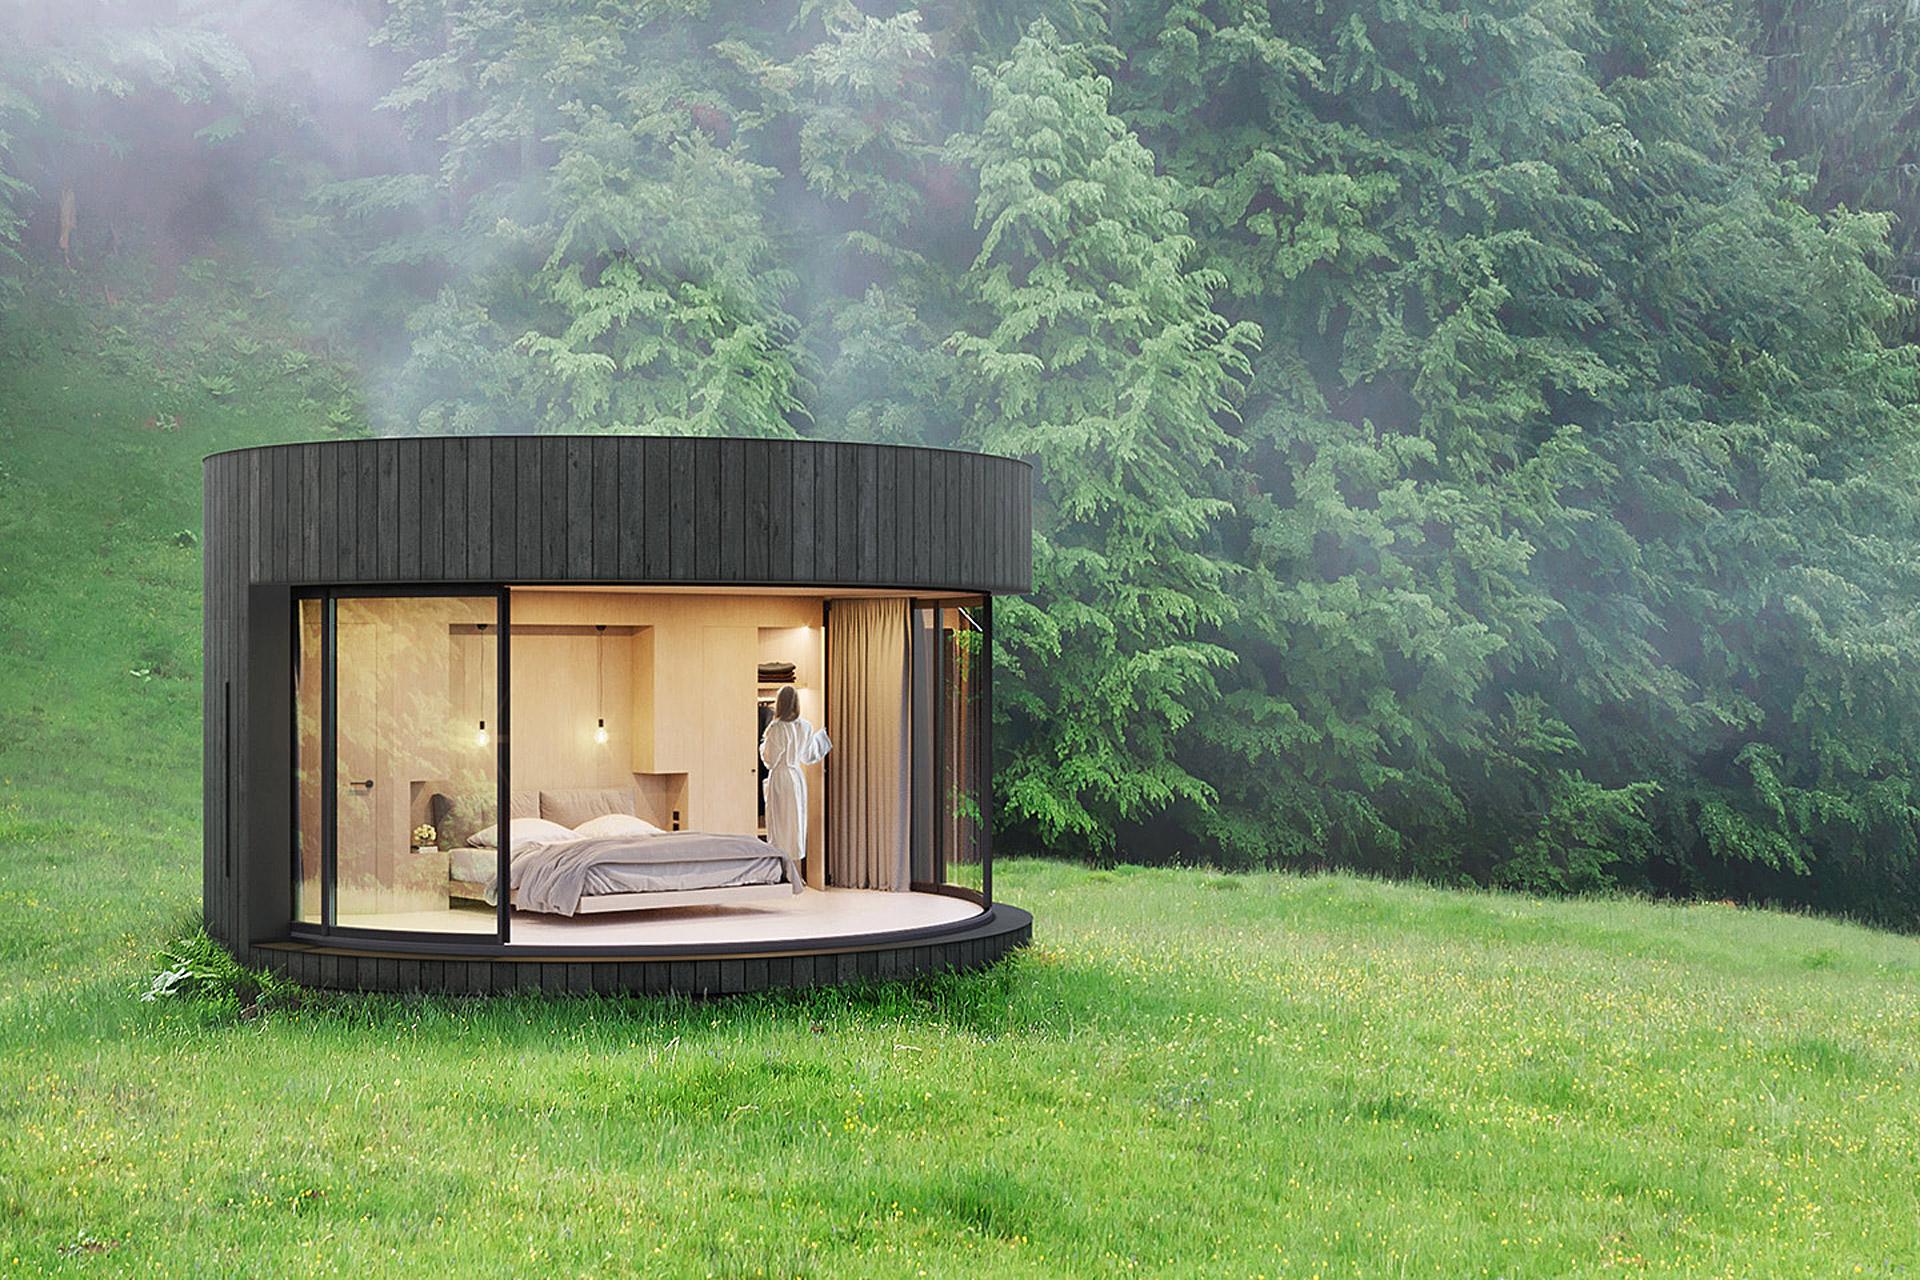 Lumipod Prefab Cabin